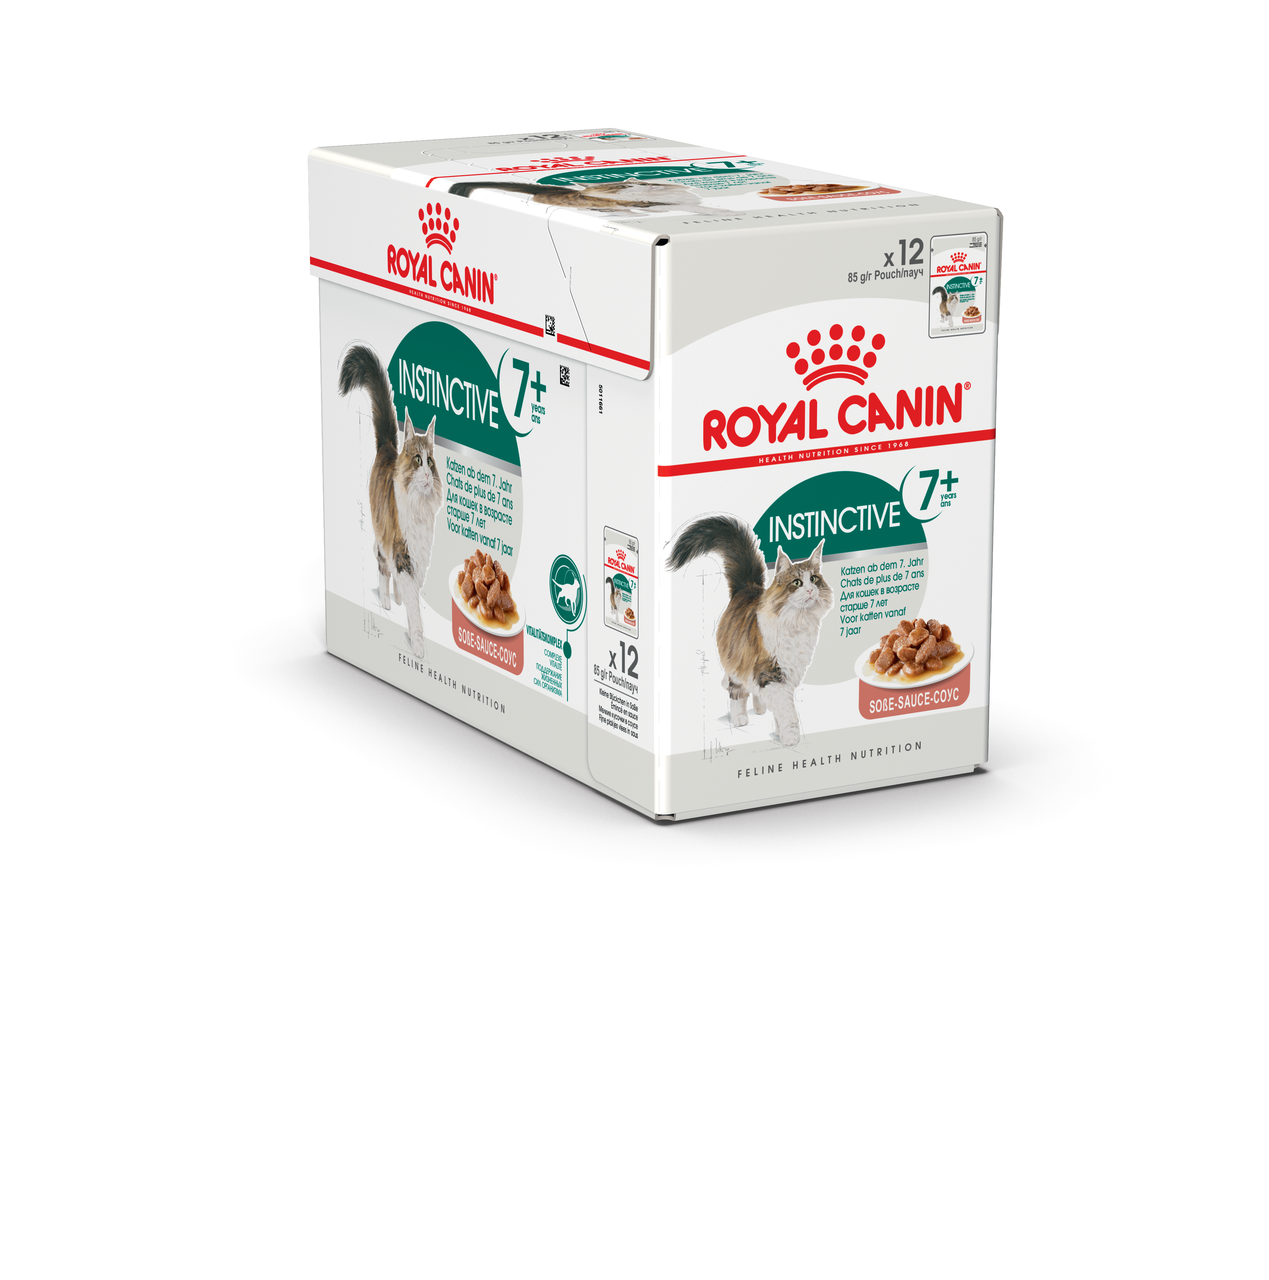 Royal Canin Instinctive +7 85 гр упаковка 12 шт влажный корм (Роял Канин) для взрослых кошек в соусе